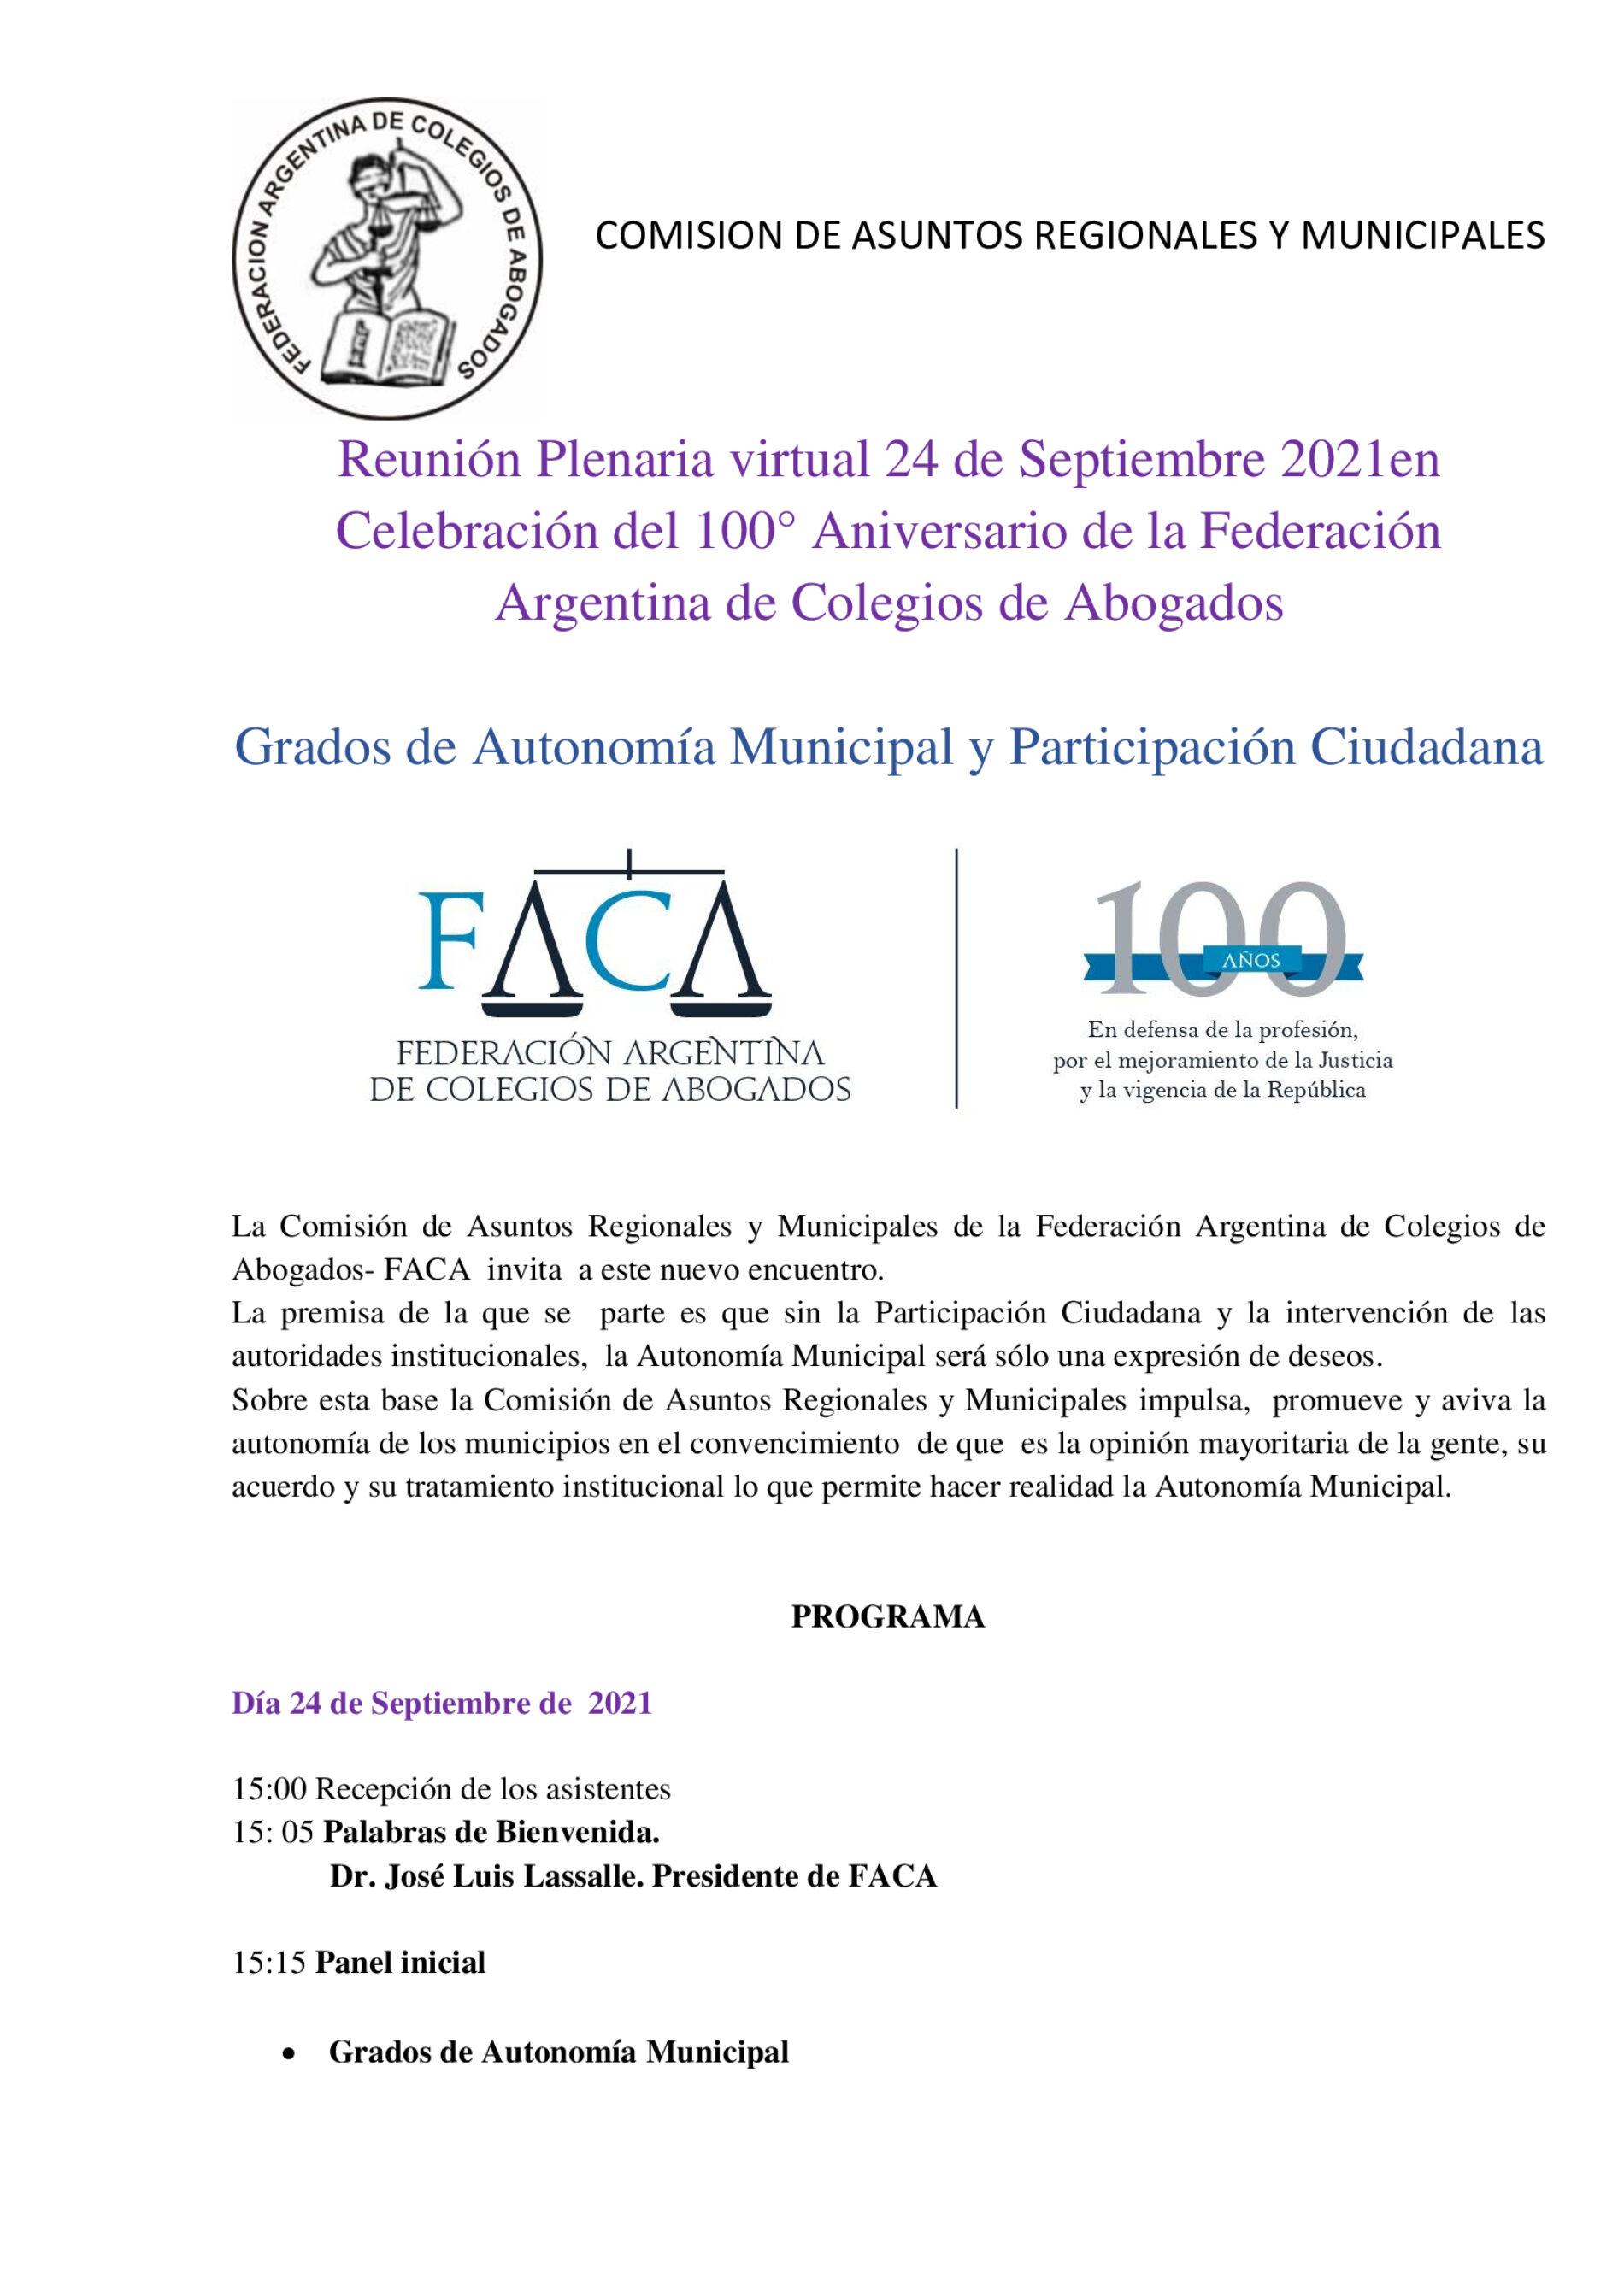 Reunión virtual – Celebración del 100° Aniversario de la Federación  Argentina de Colegios de Abogados.